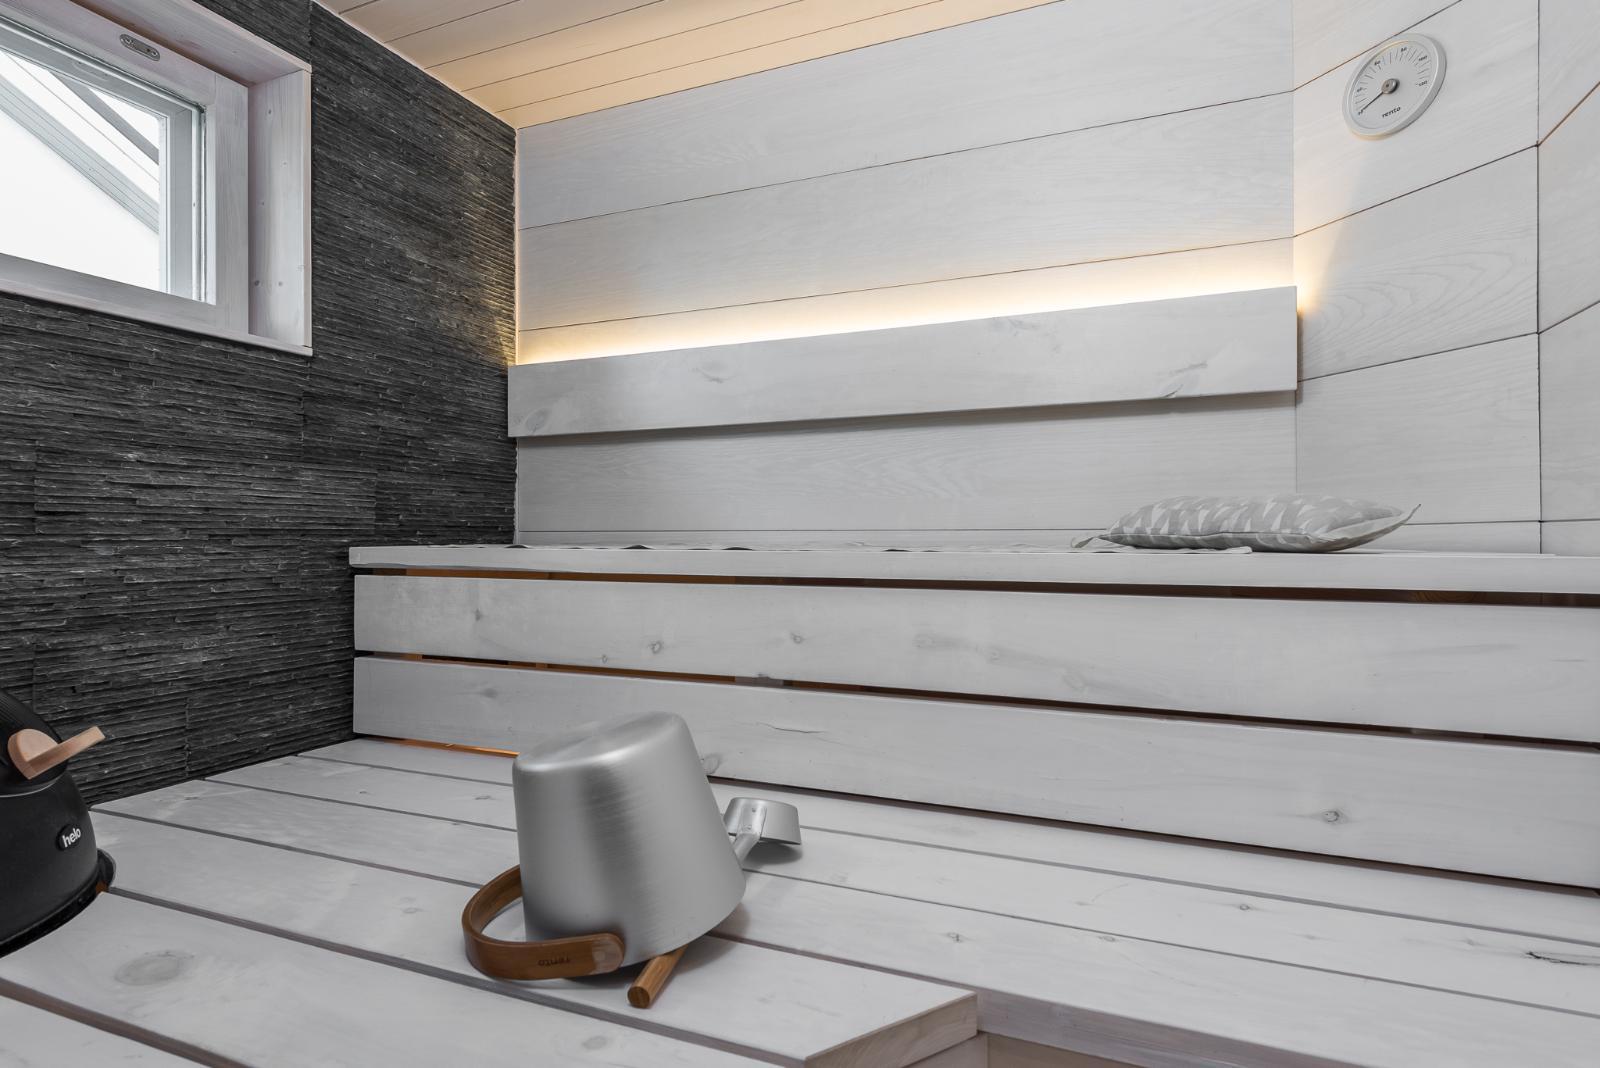 Kauniita pintamateriaaleja saunassa  Etuovi com Ideat & vinkit